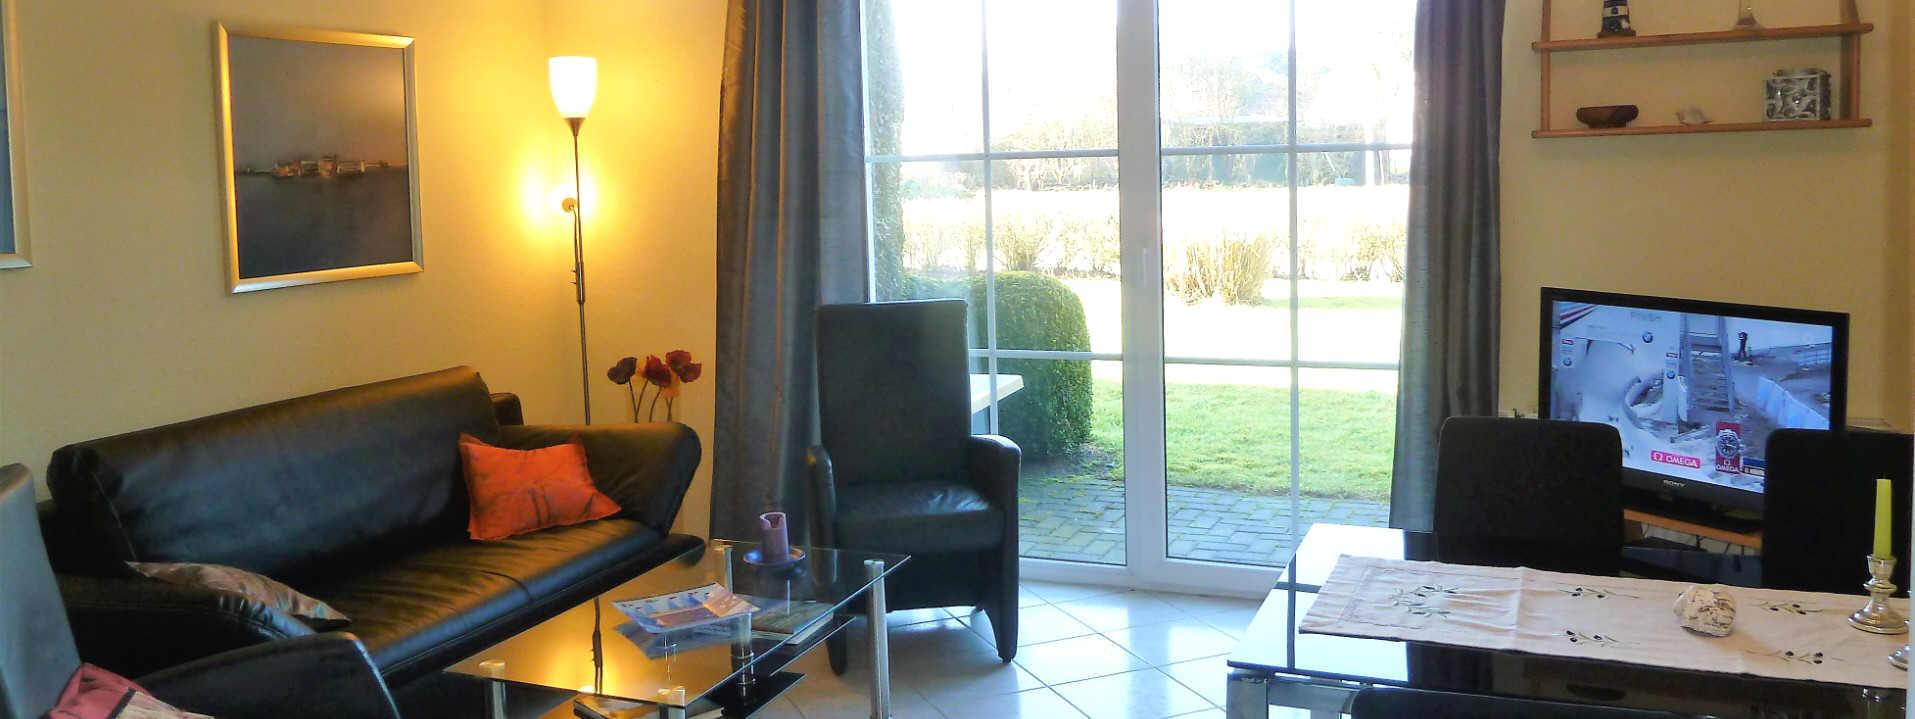 Haus Sonnenstrahl Nr.6. Ferienwohnung für zwei bis 3 Personen. WLAN inklusive